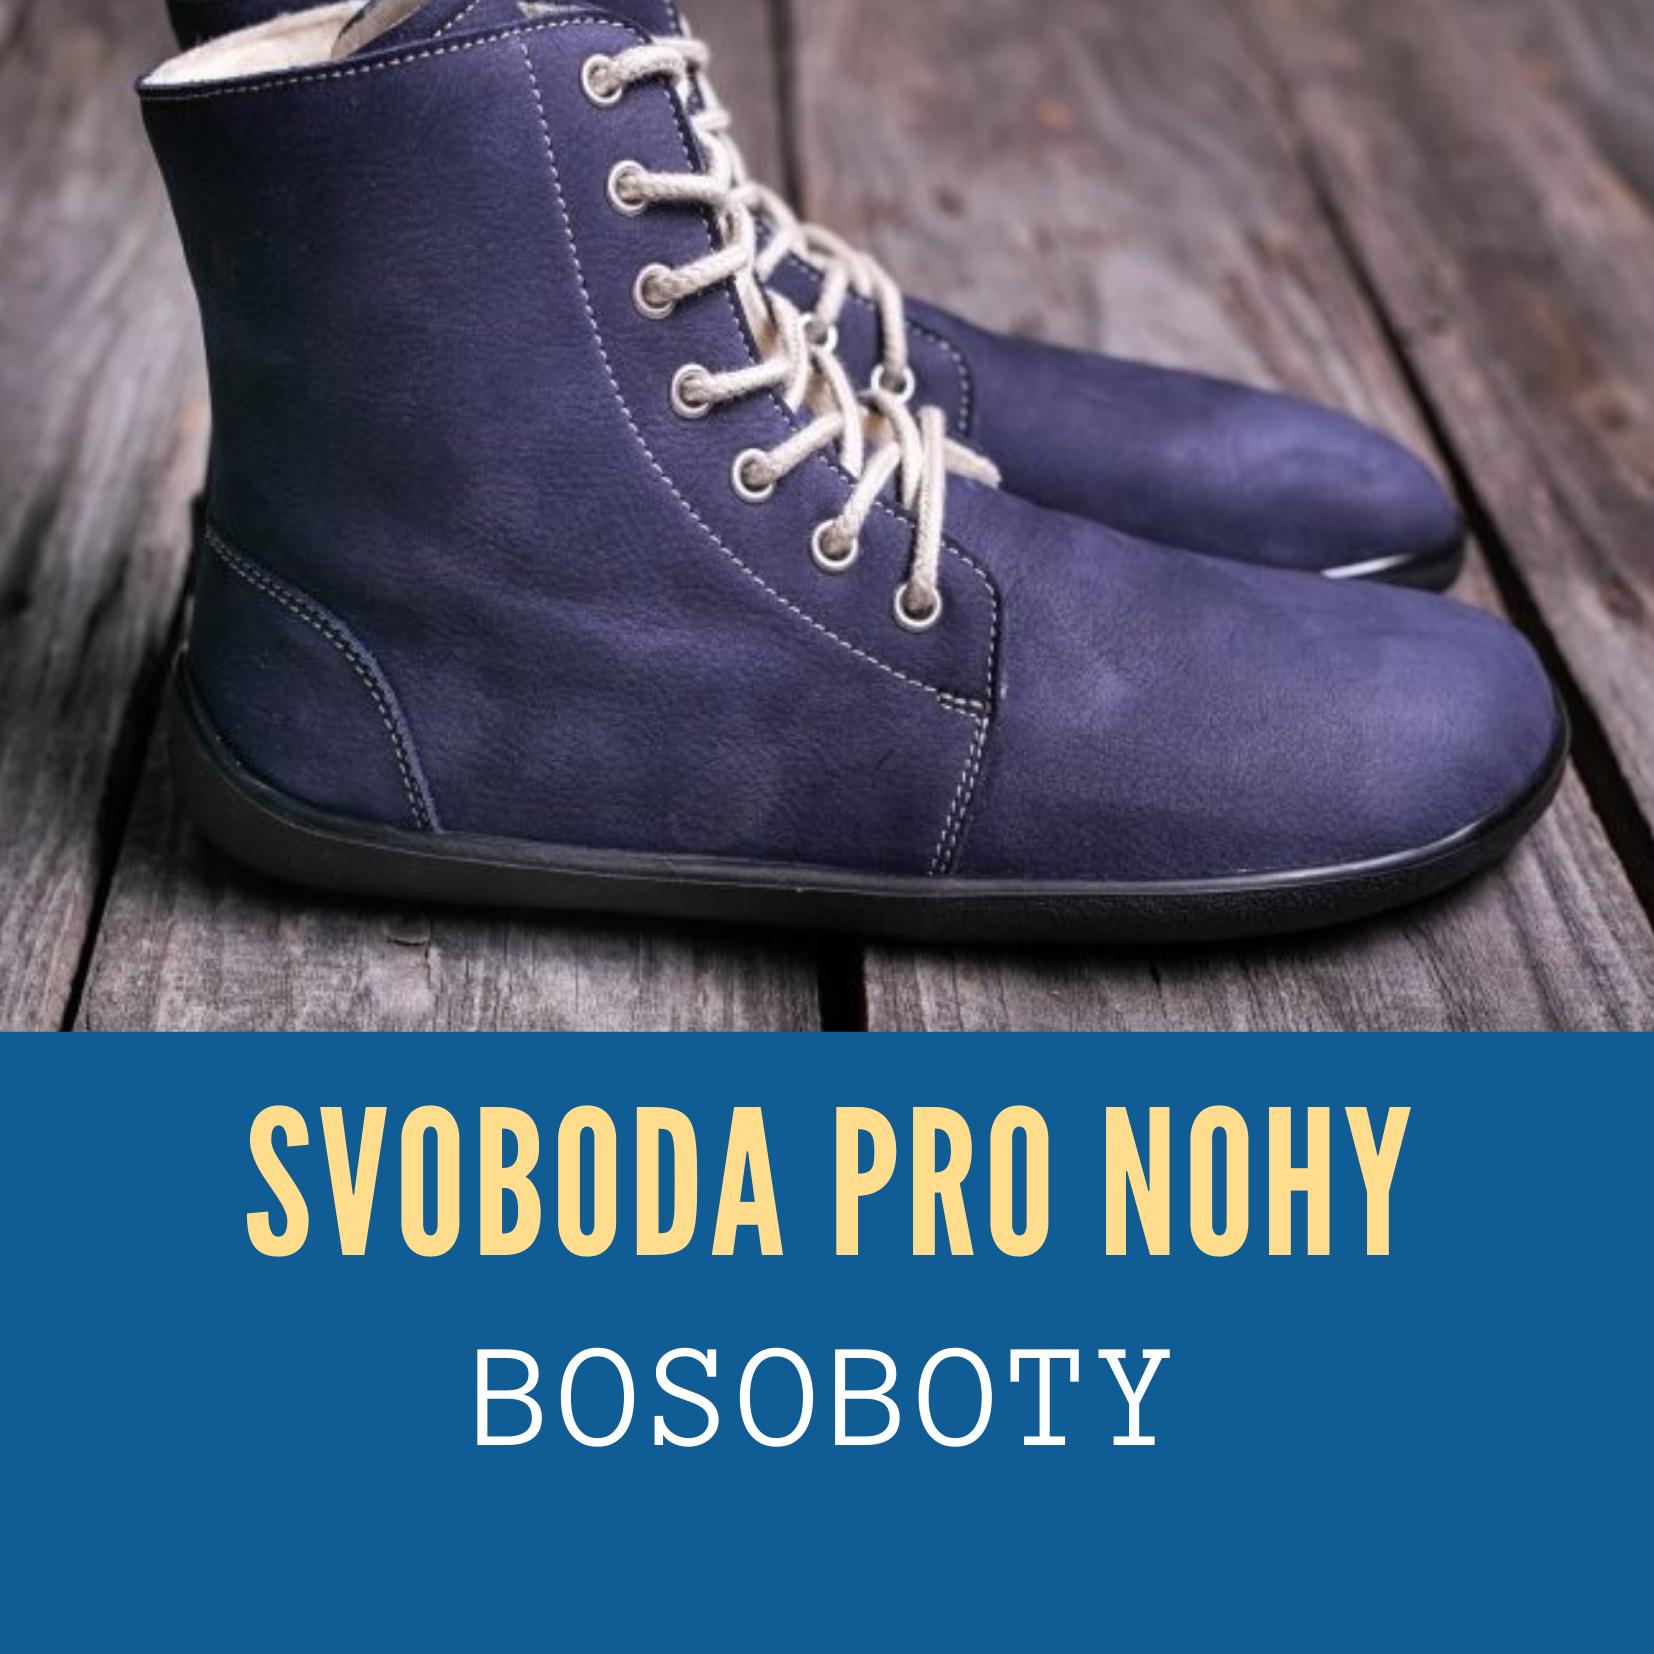 Bosobotky: svoboda pro nohy